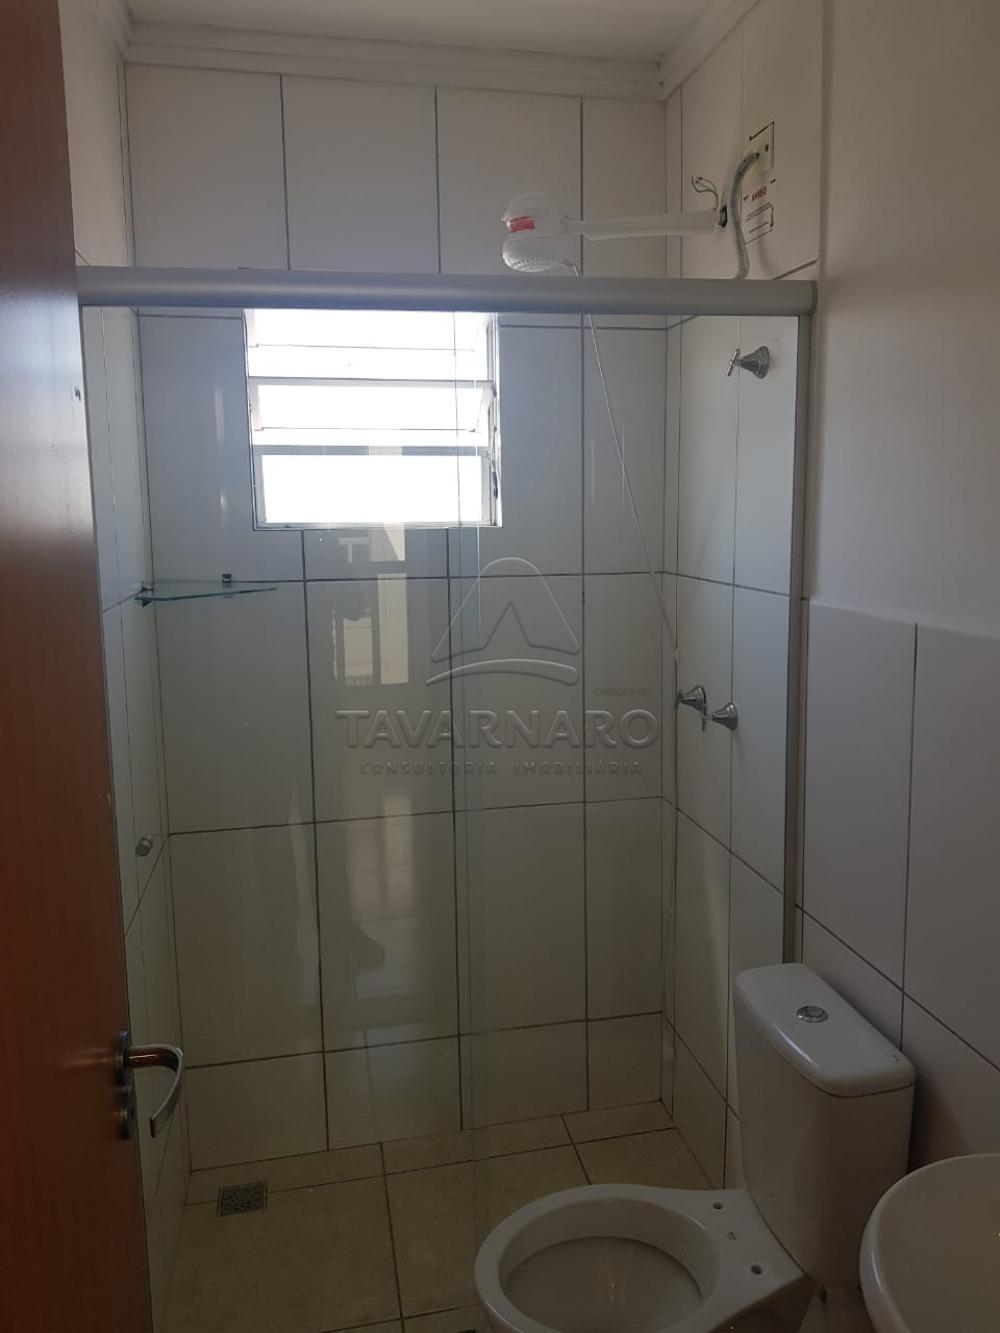 Comprar Apartamento / Padrão em Ponta Grossa R$ 120.000,00 - Foto 6